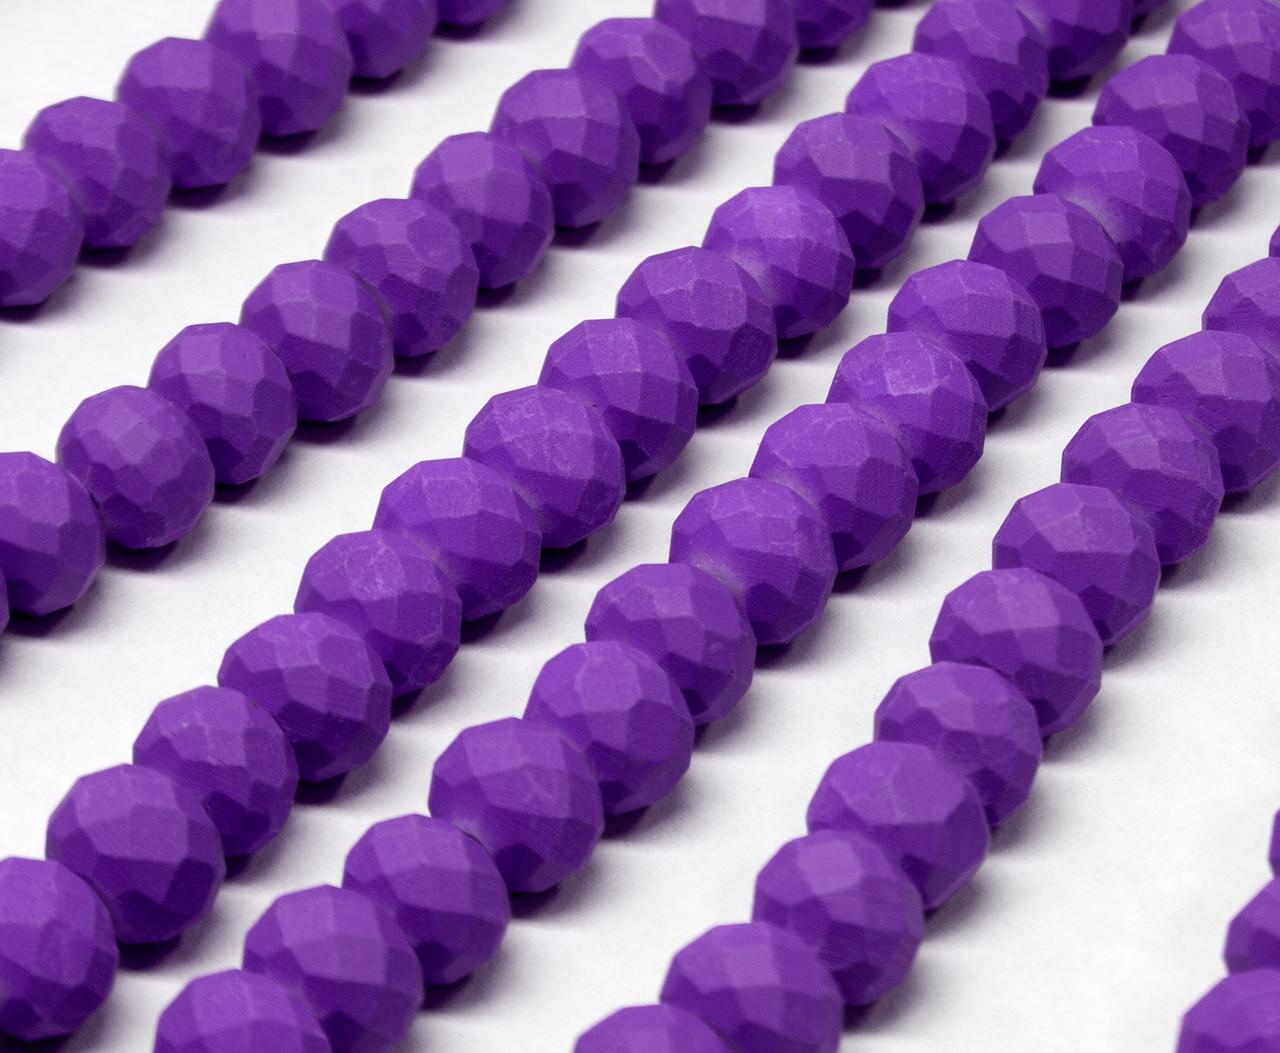 Бусины хрустальные (Рондель) 8х6мм  пачка - примерно 65 шт, цвет - матовый фиолетовый